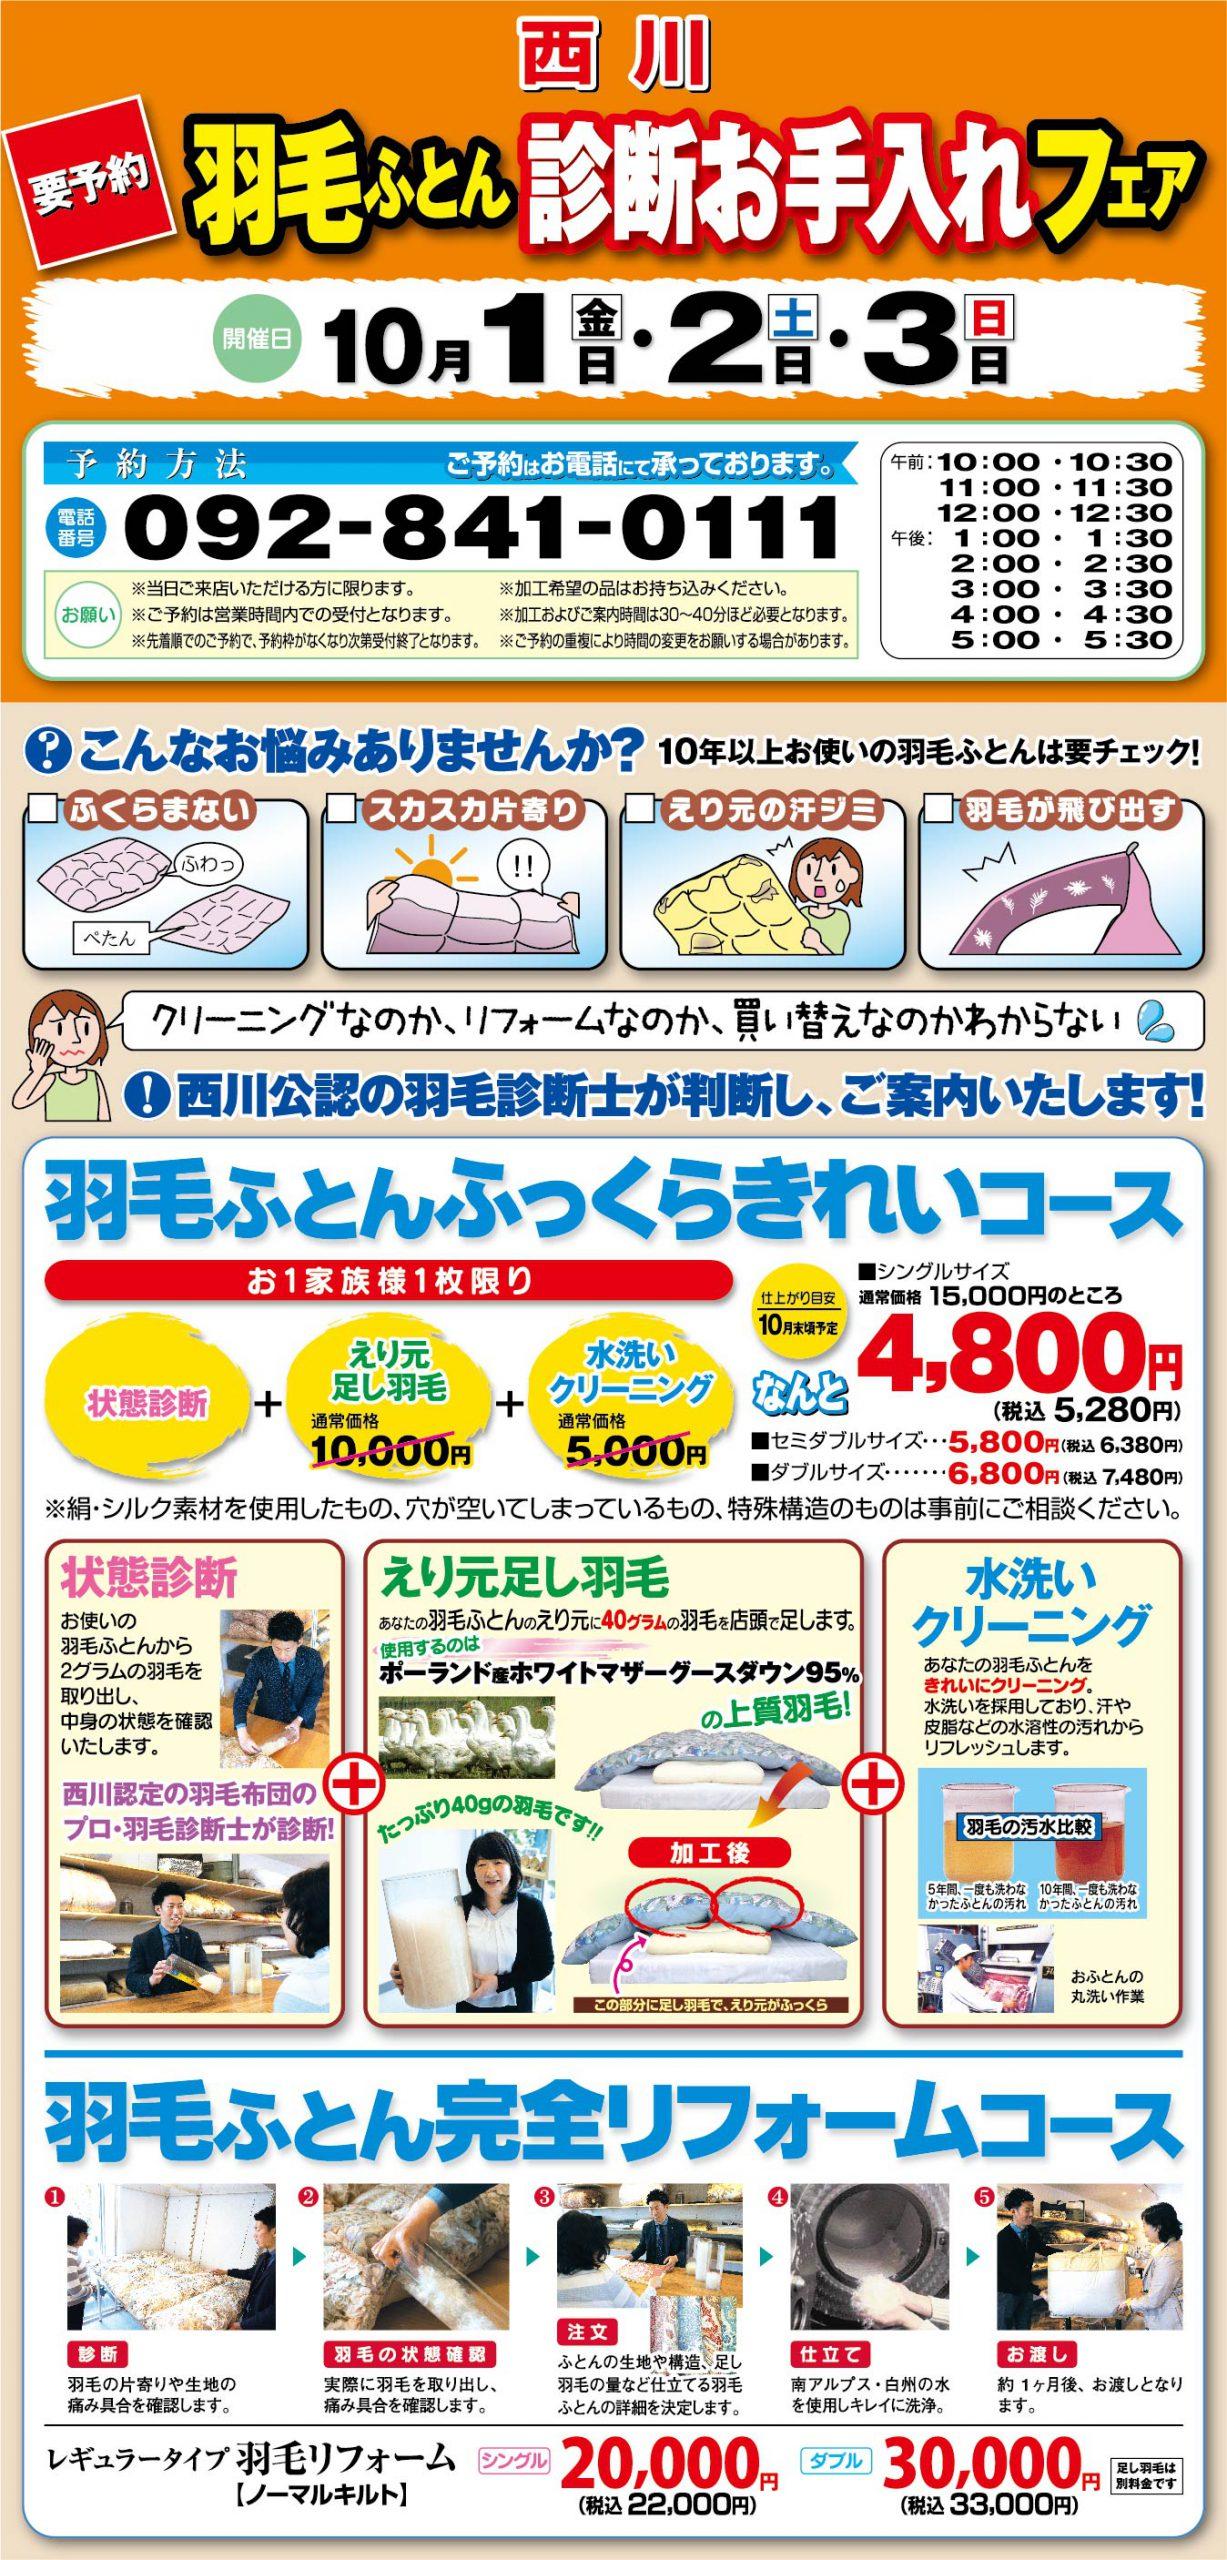 西川羽毛ふとん診断お手入れフェア告知詳細